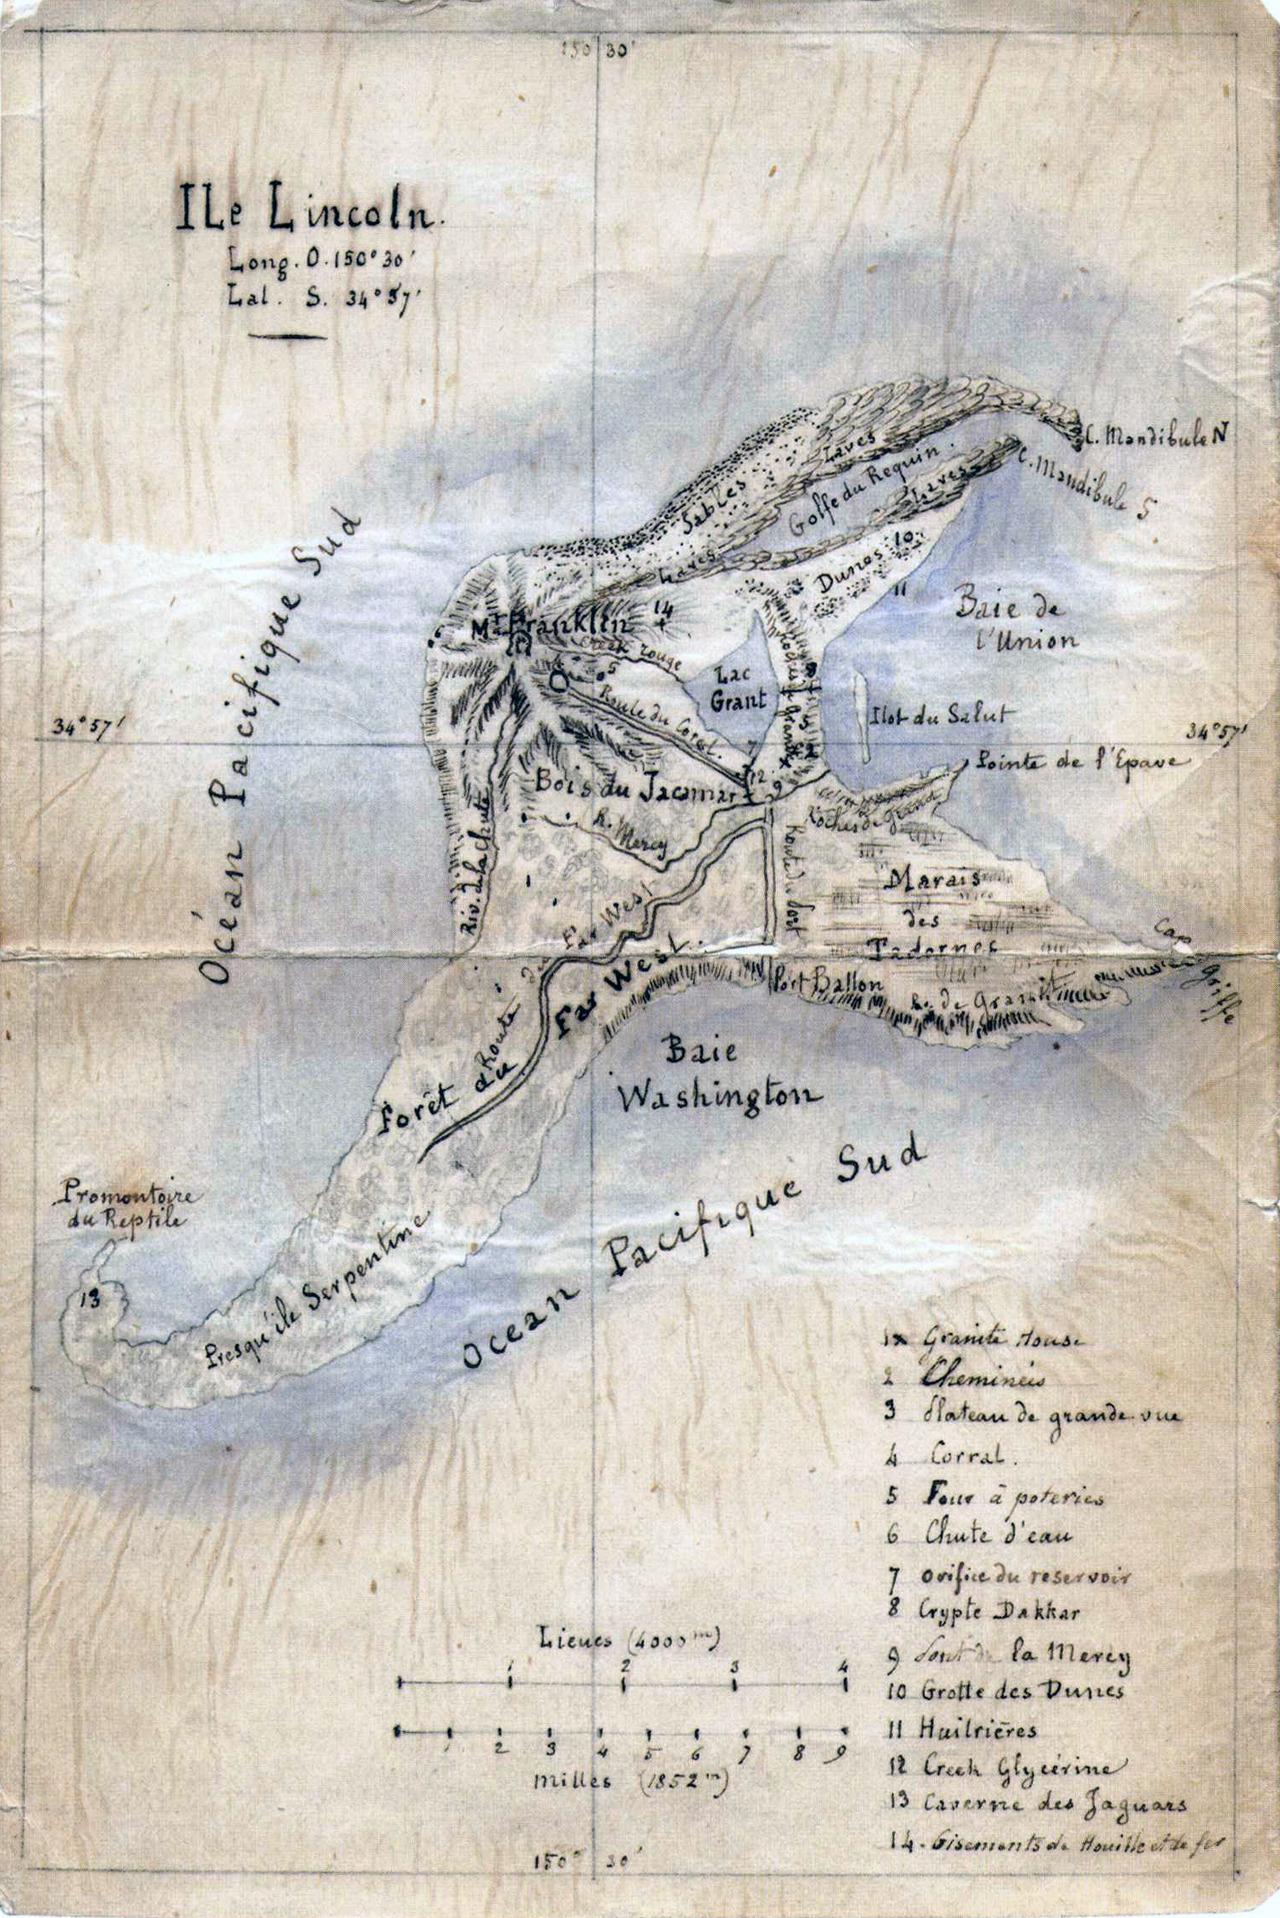 Isla de Lincoln